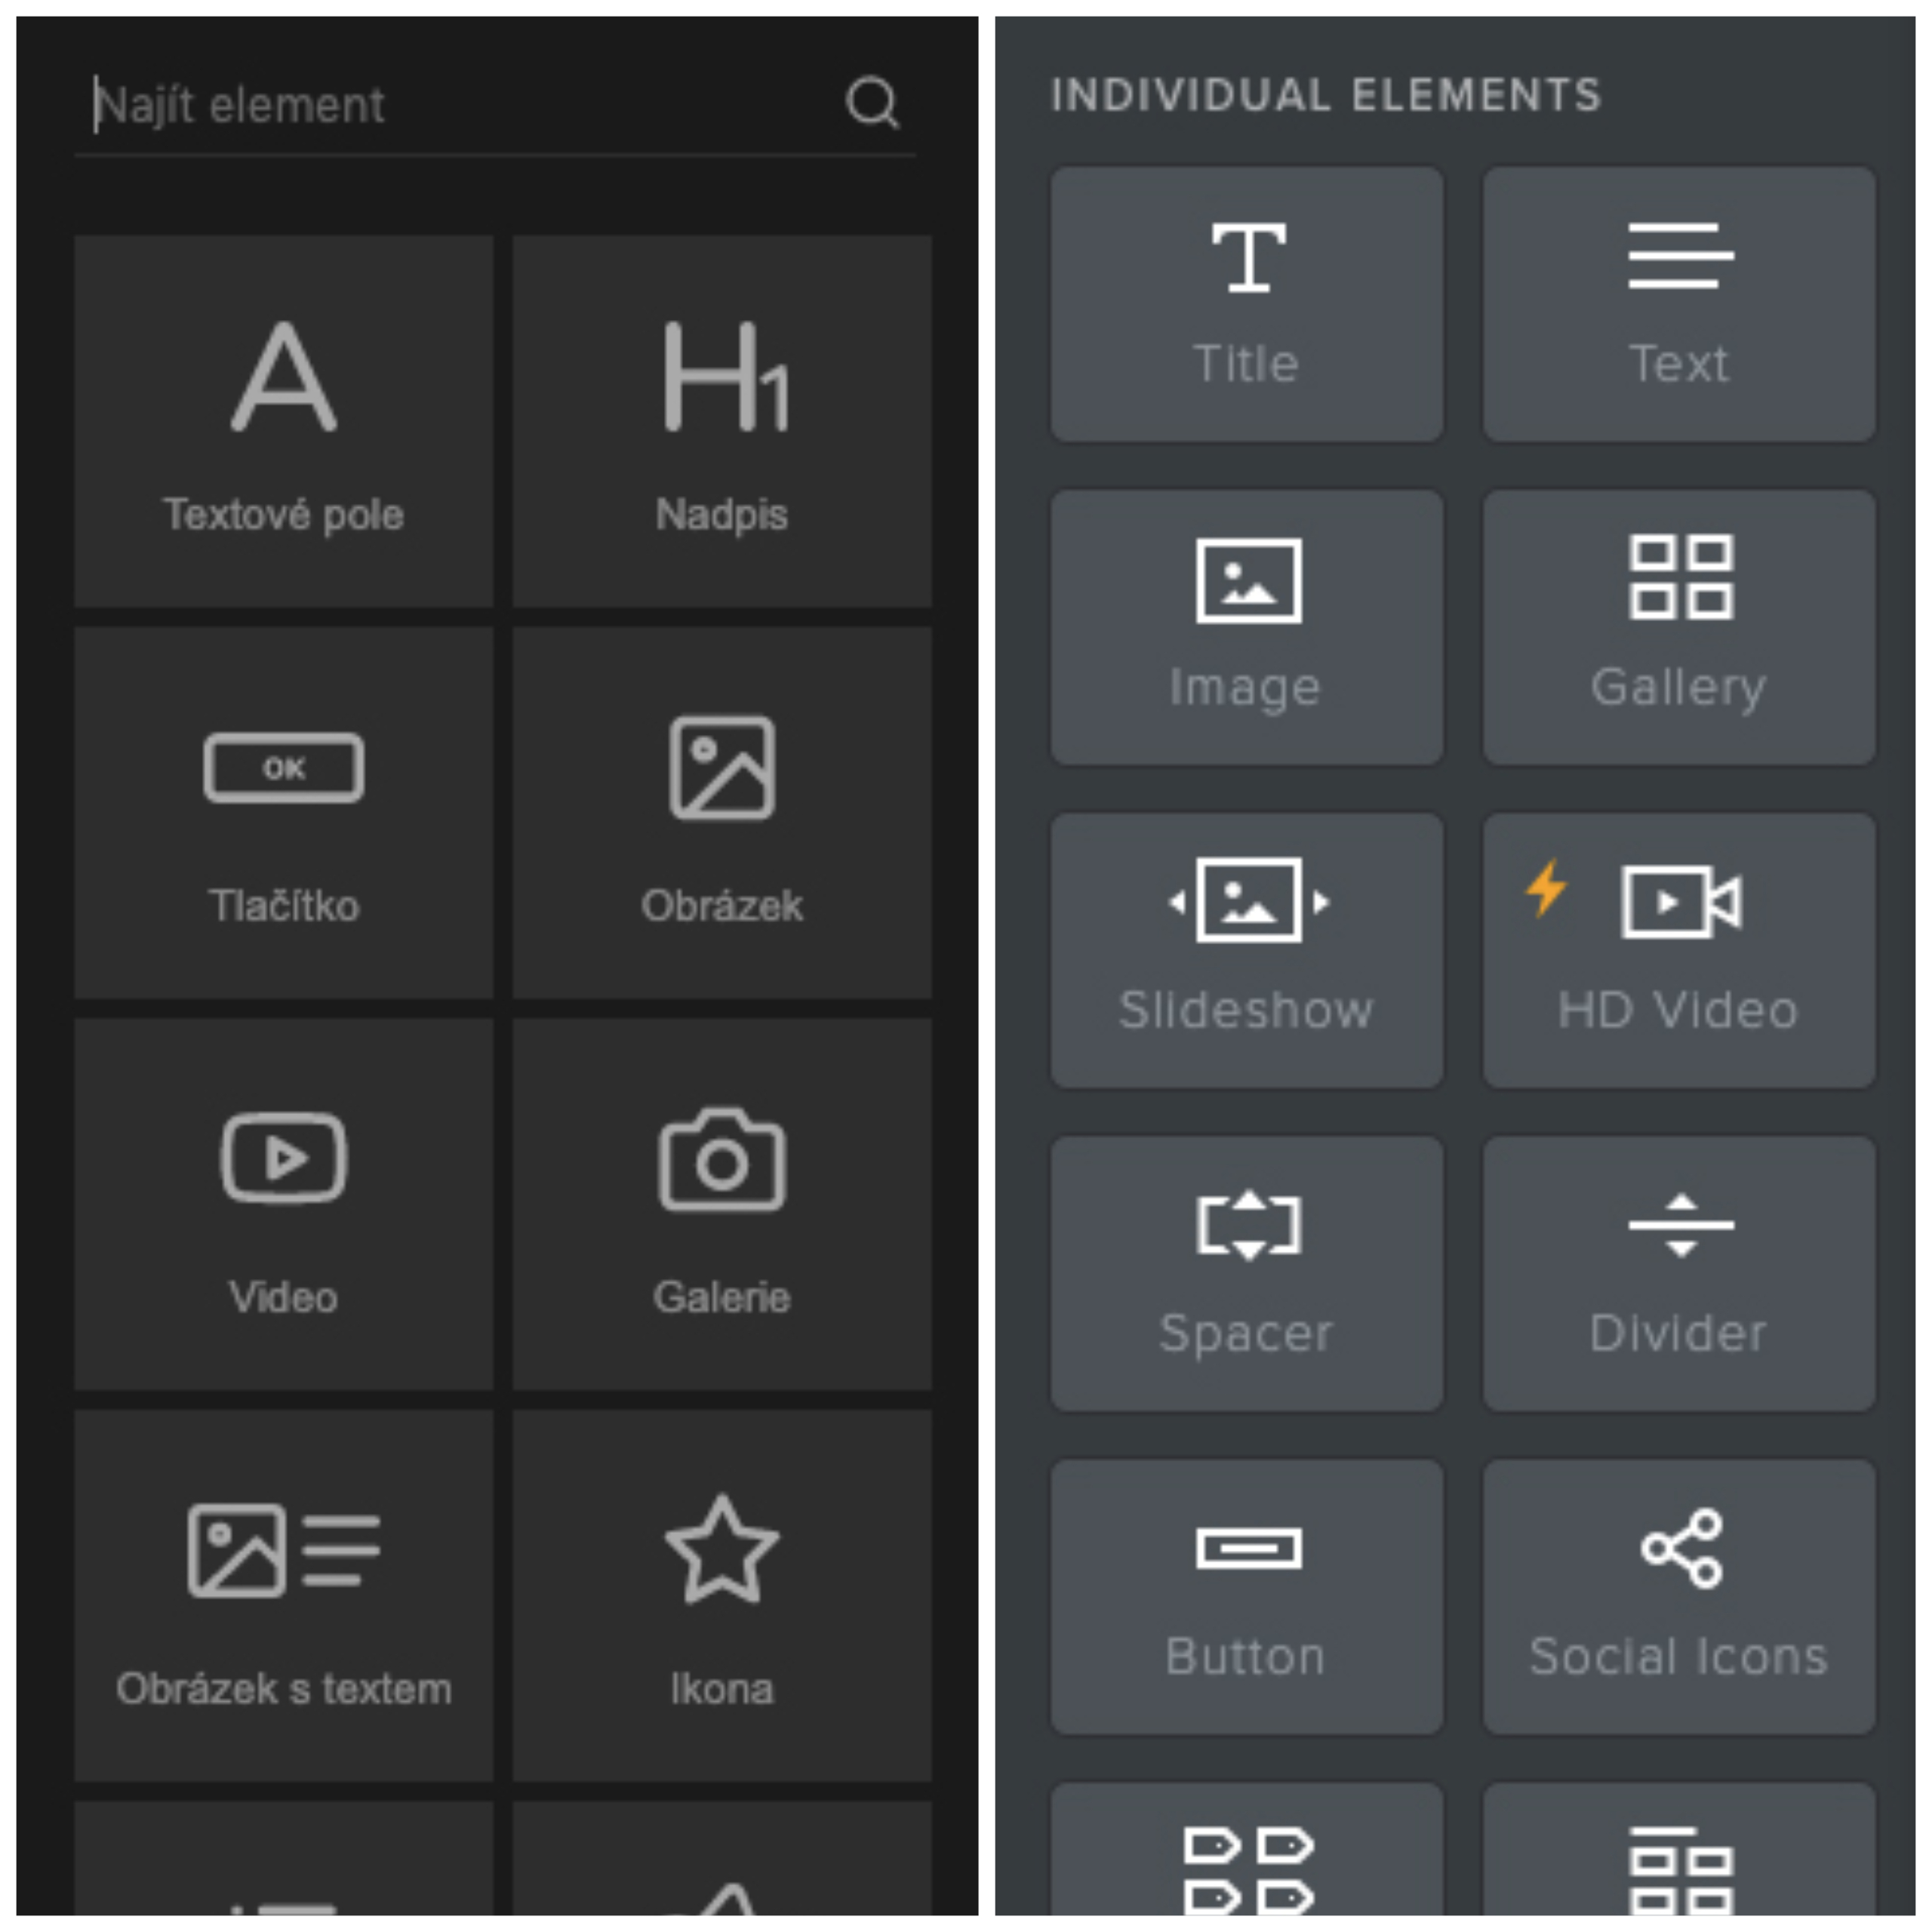 Editory nástrojů Mioweb a Weebly vedle sebe. Jsou si velmi podobné a mají velmi podobný design.